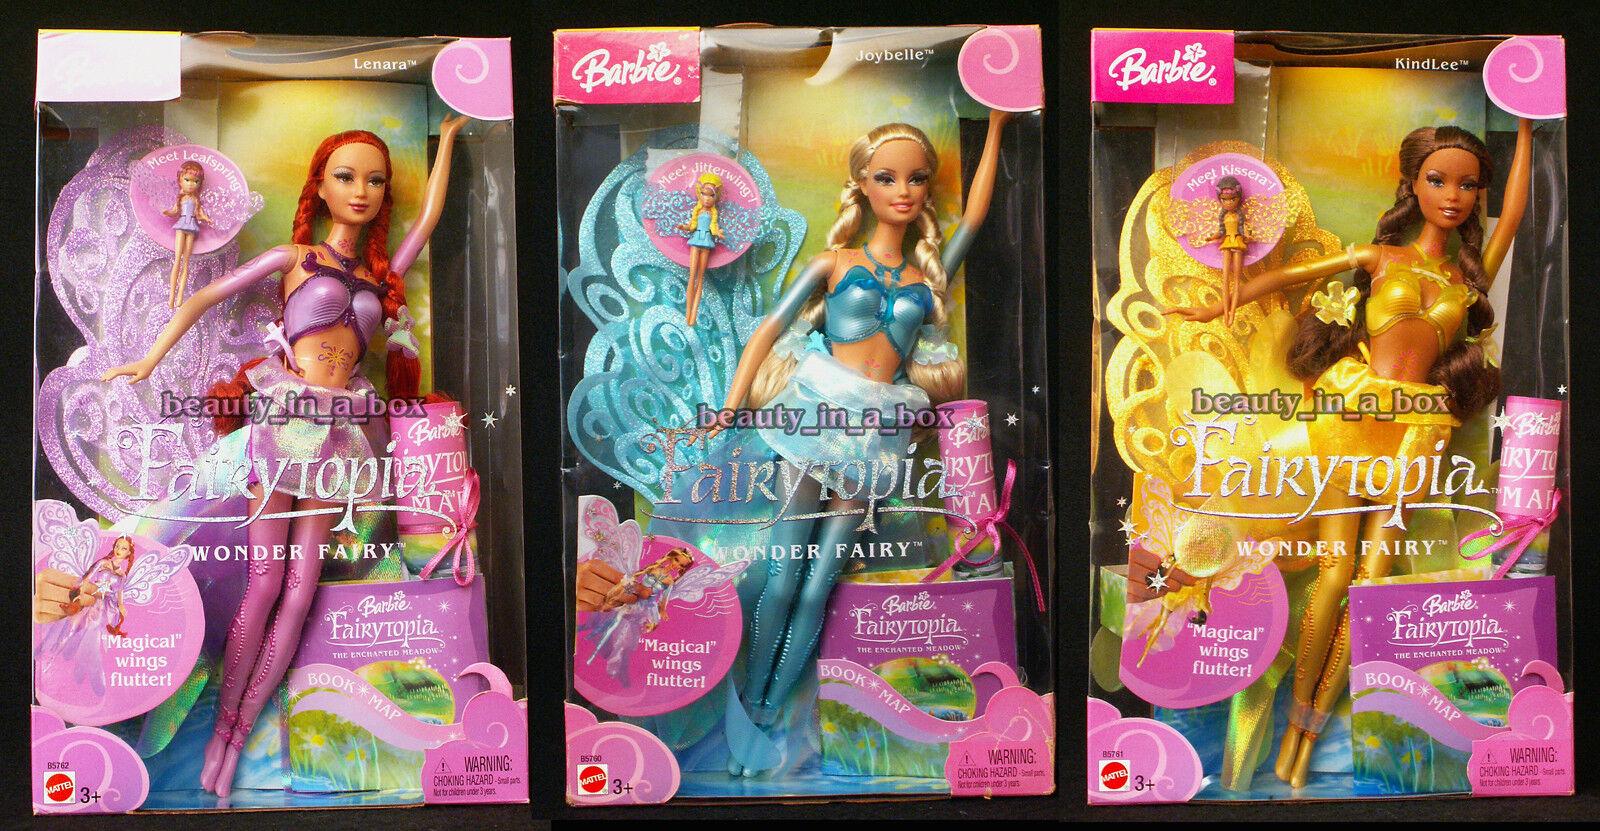 Muñeca Barbie Hada de maravilla Lenara Joybelle Kindlee AA africano Fairytopia Lote 3 dinamita Girl